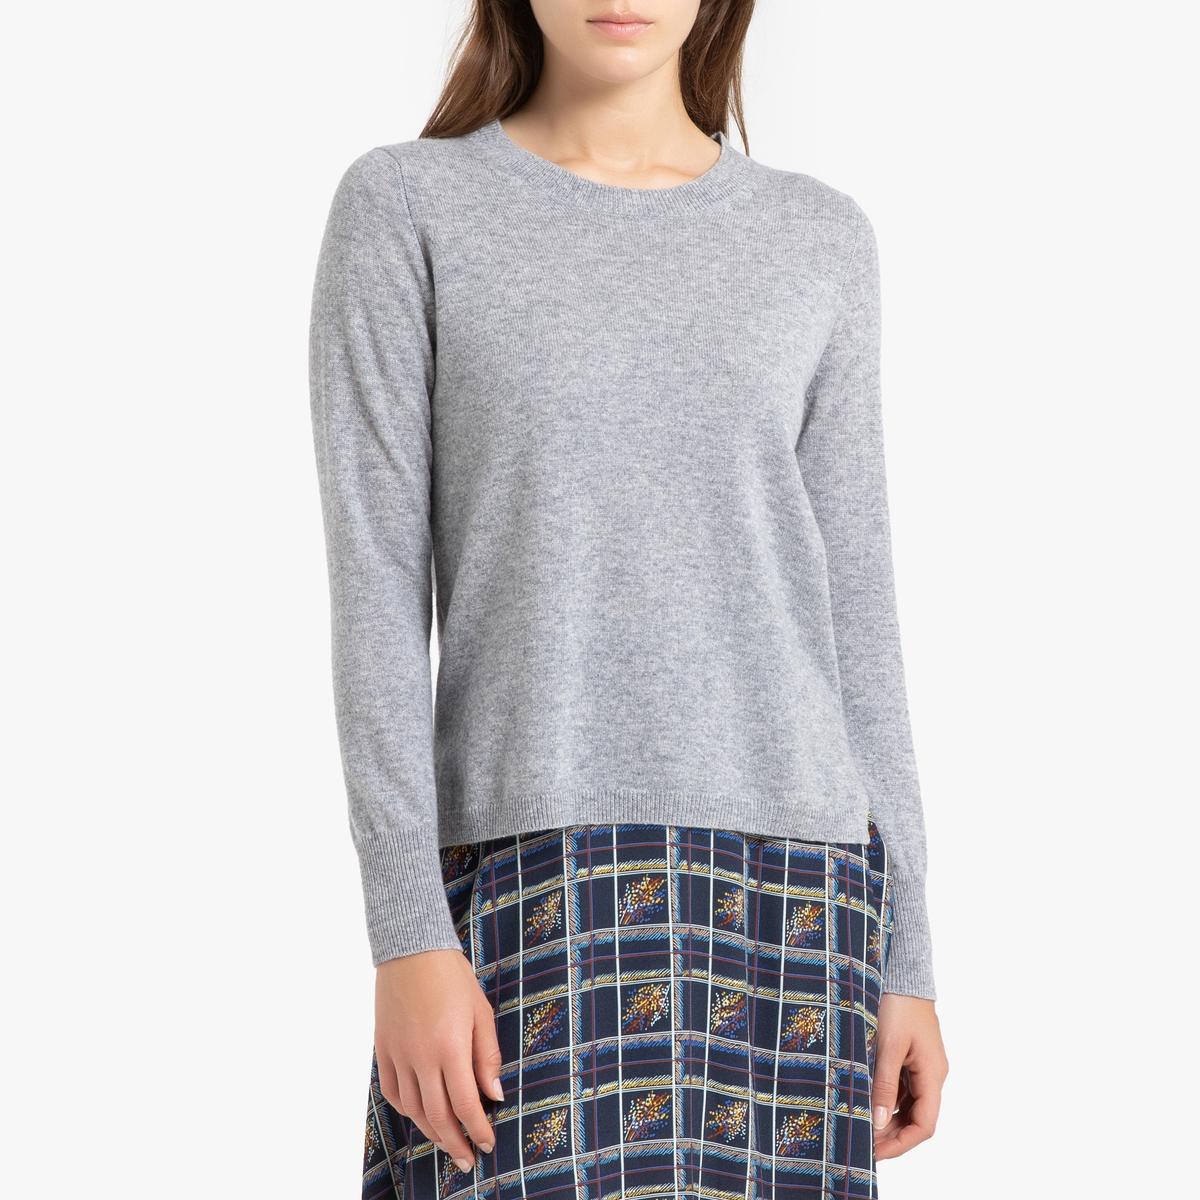 цена Пуловер La Redoute Кашемировый с круглым вырезом из тонкого трикотажа ROSE 1(S) серый онлайн в 2017 году